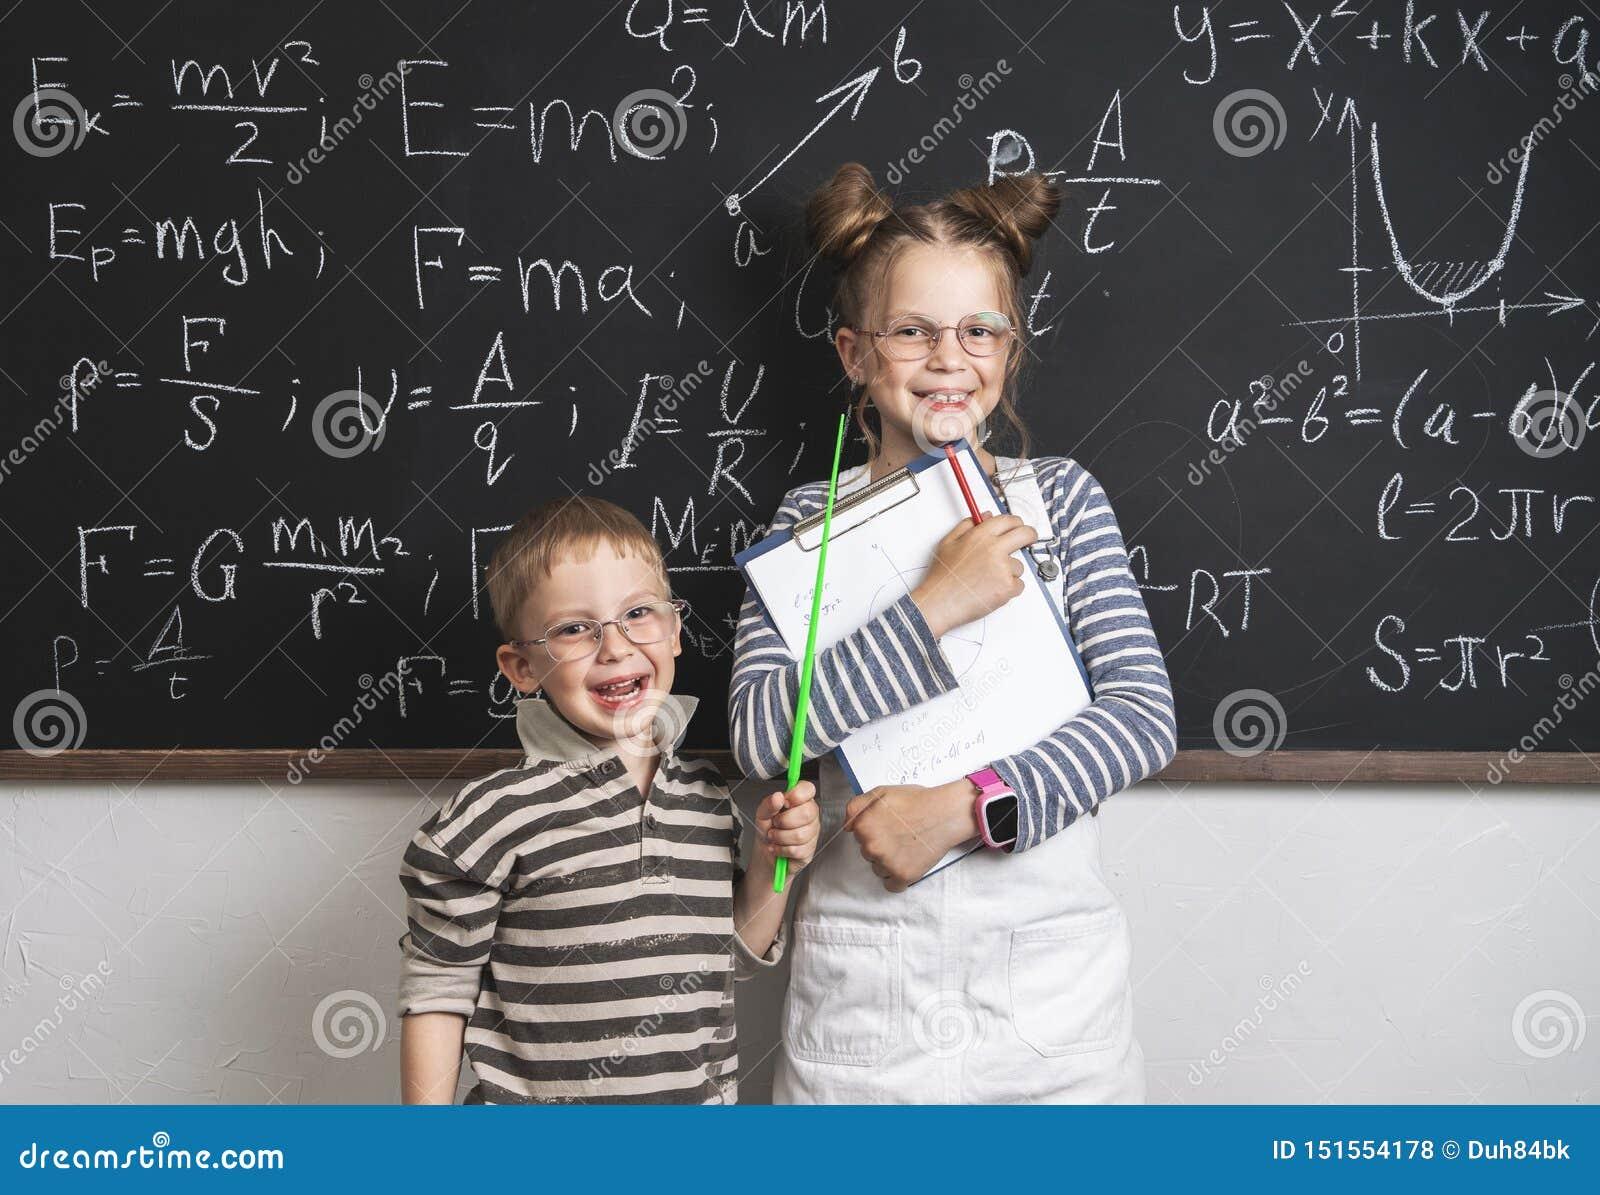 Os alunos alegres do menino e da menina estão estando no quadro-negro e nos stetrads Muitas fórmulas são escritas no quadro-negro